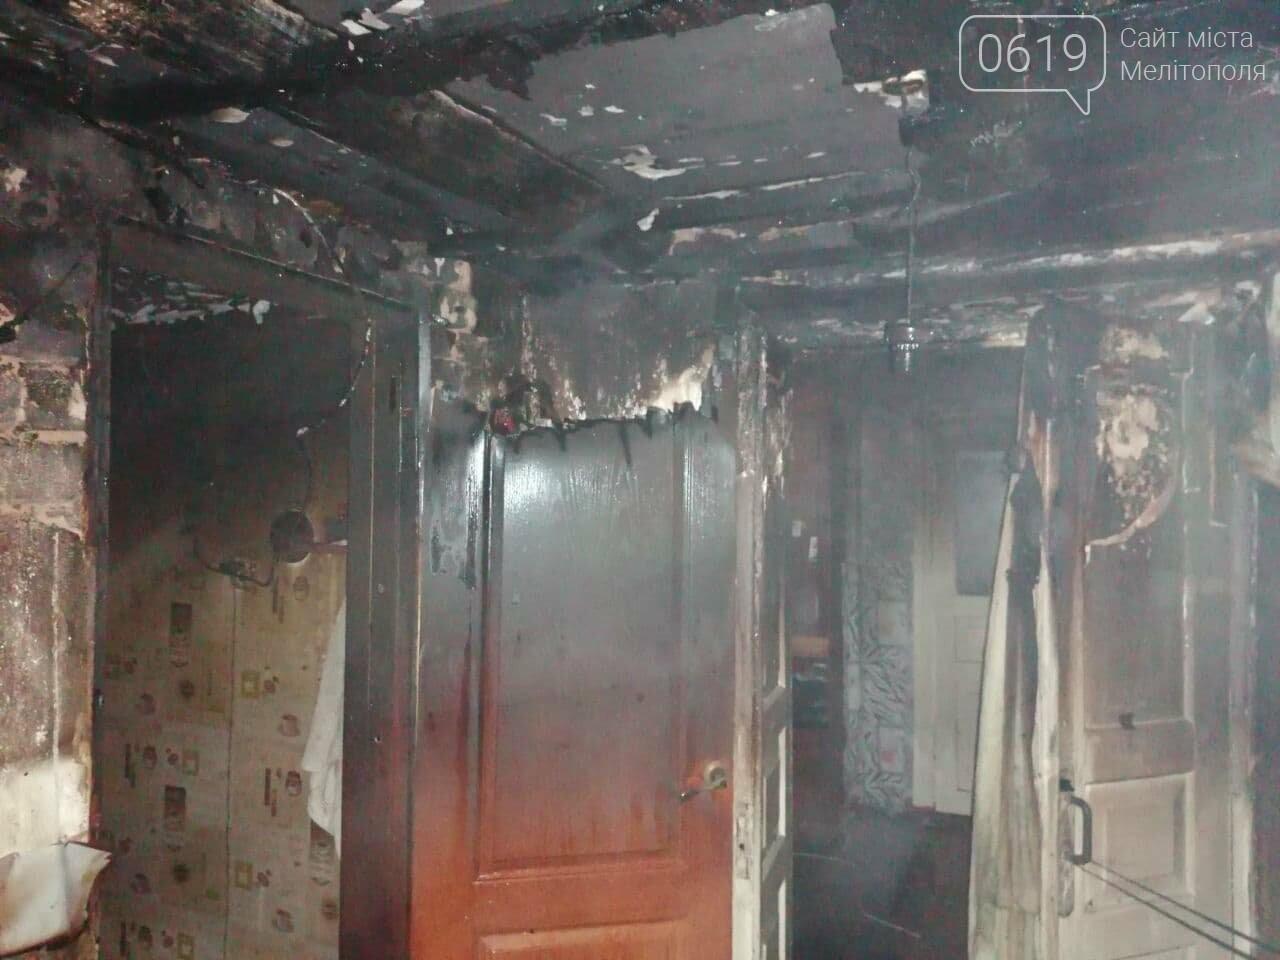 В субботу в Мелитополе произошел пожар в частном доме, фото-1